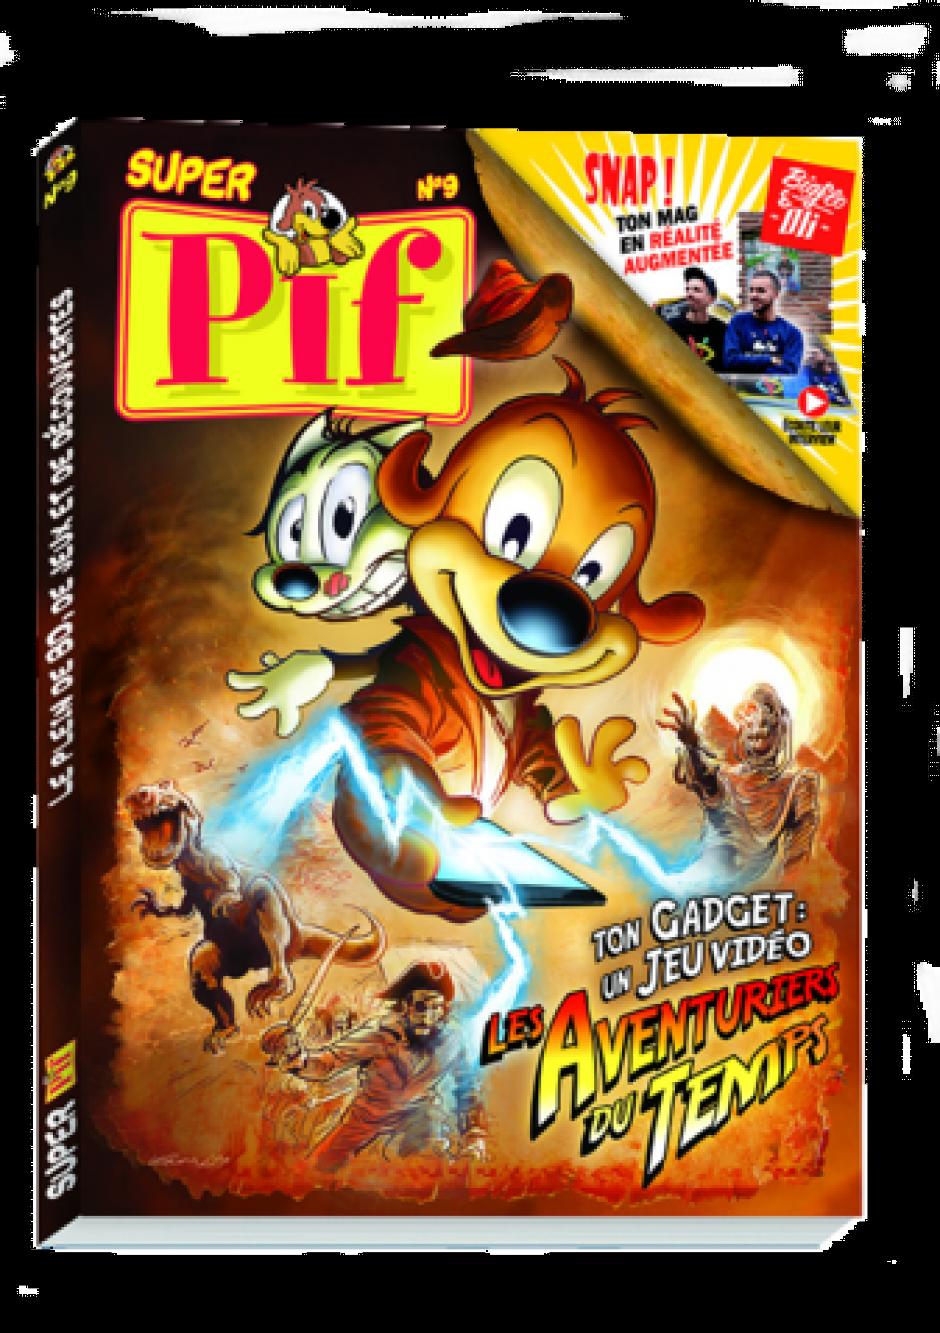 Super Pif n° 9 et son gadget étonnant ! - 5,90 €